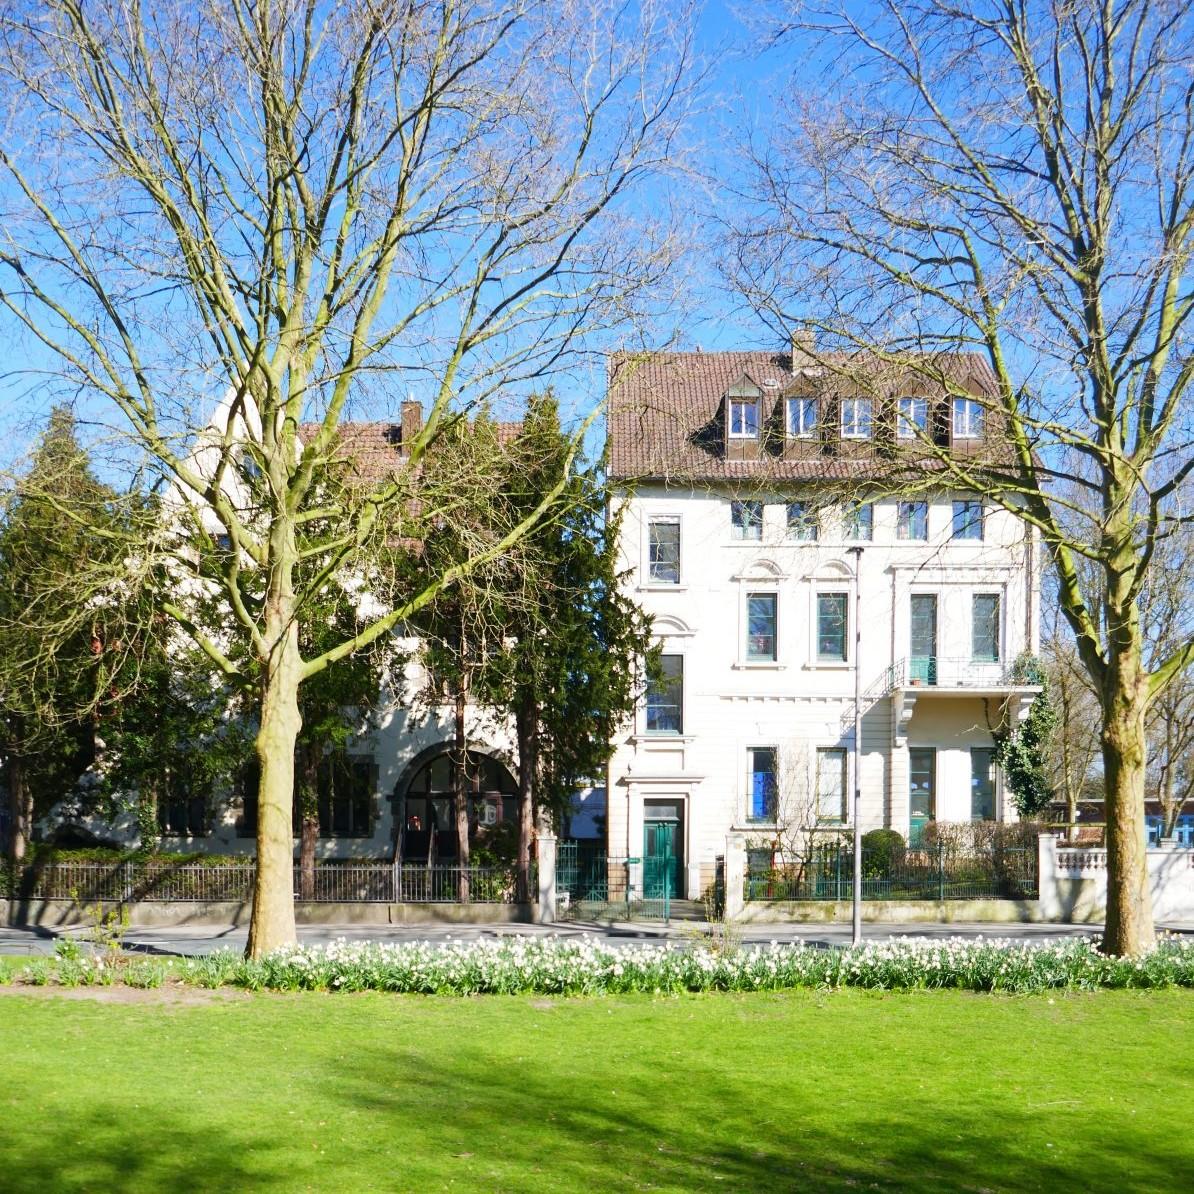 24 Wohnhäuser Fürstenbergstraße - Foto: Stefan Rethfeld